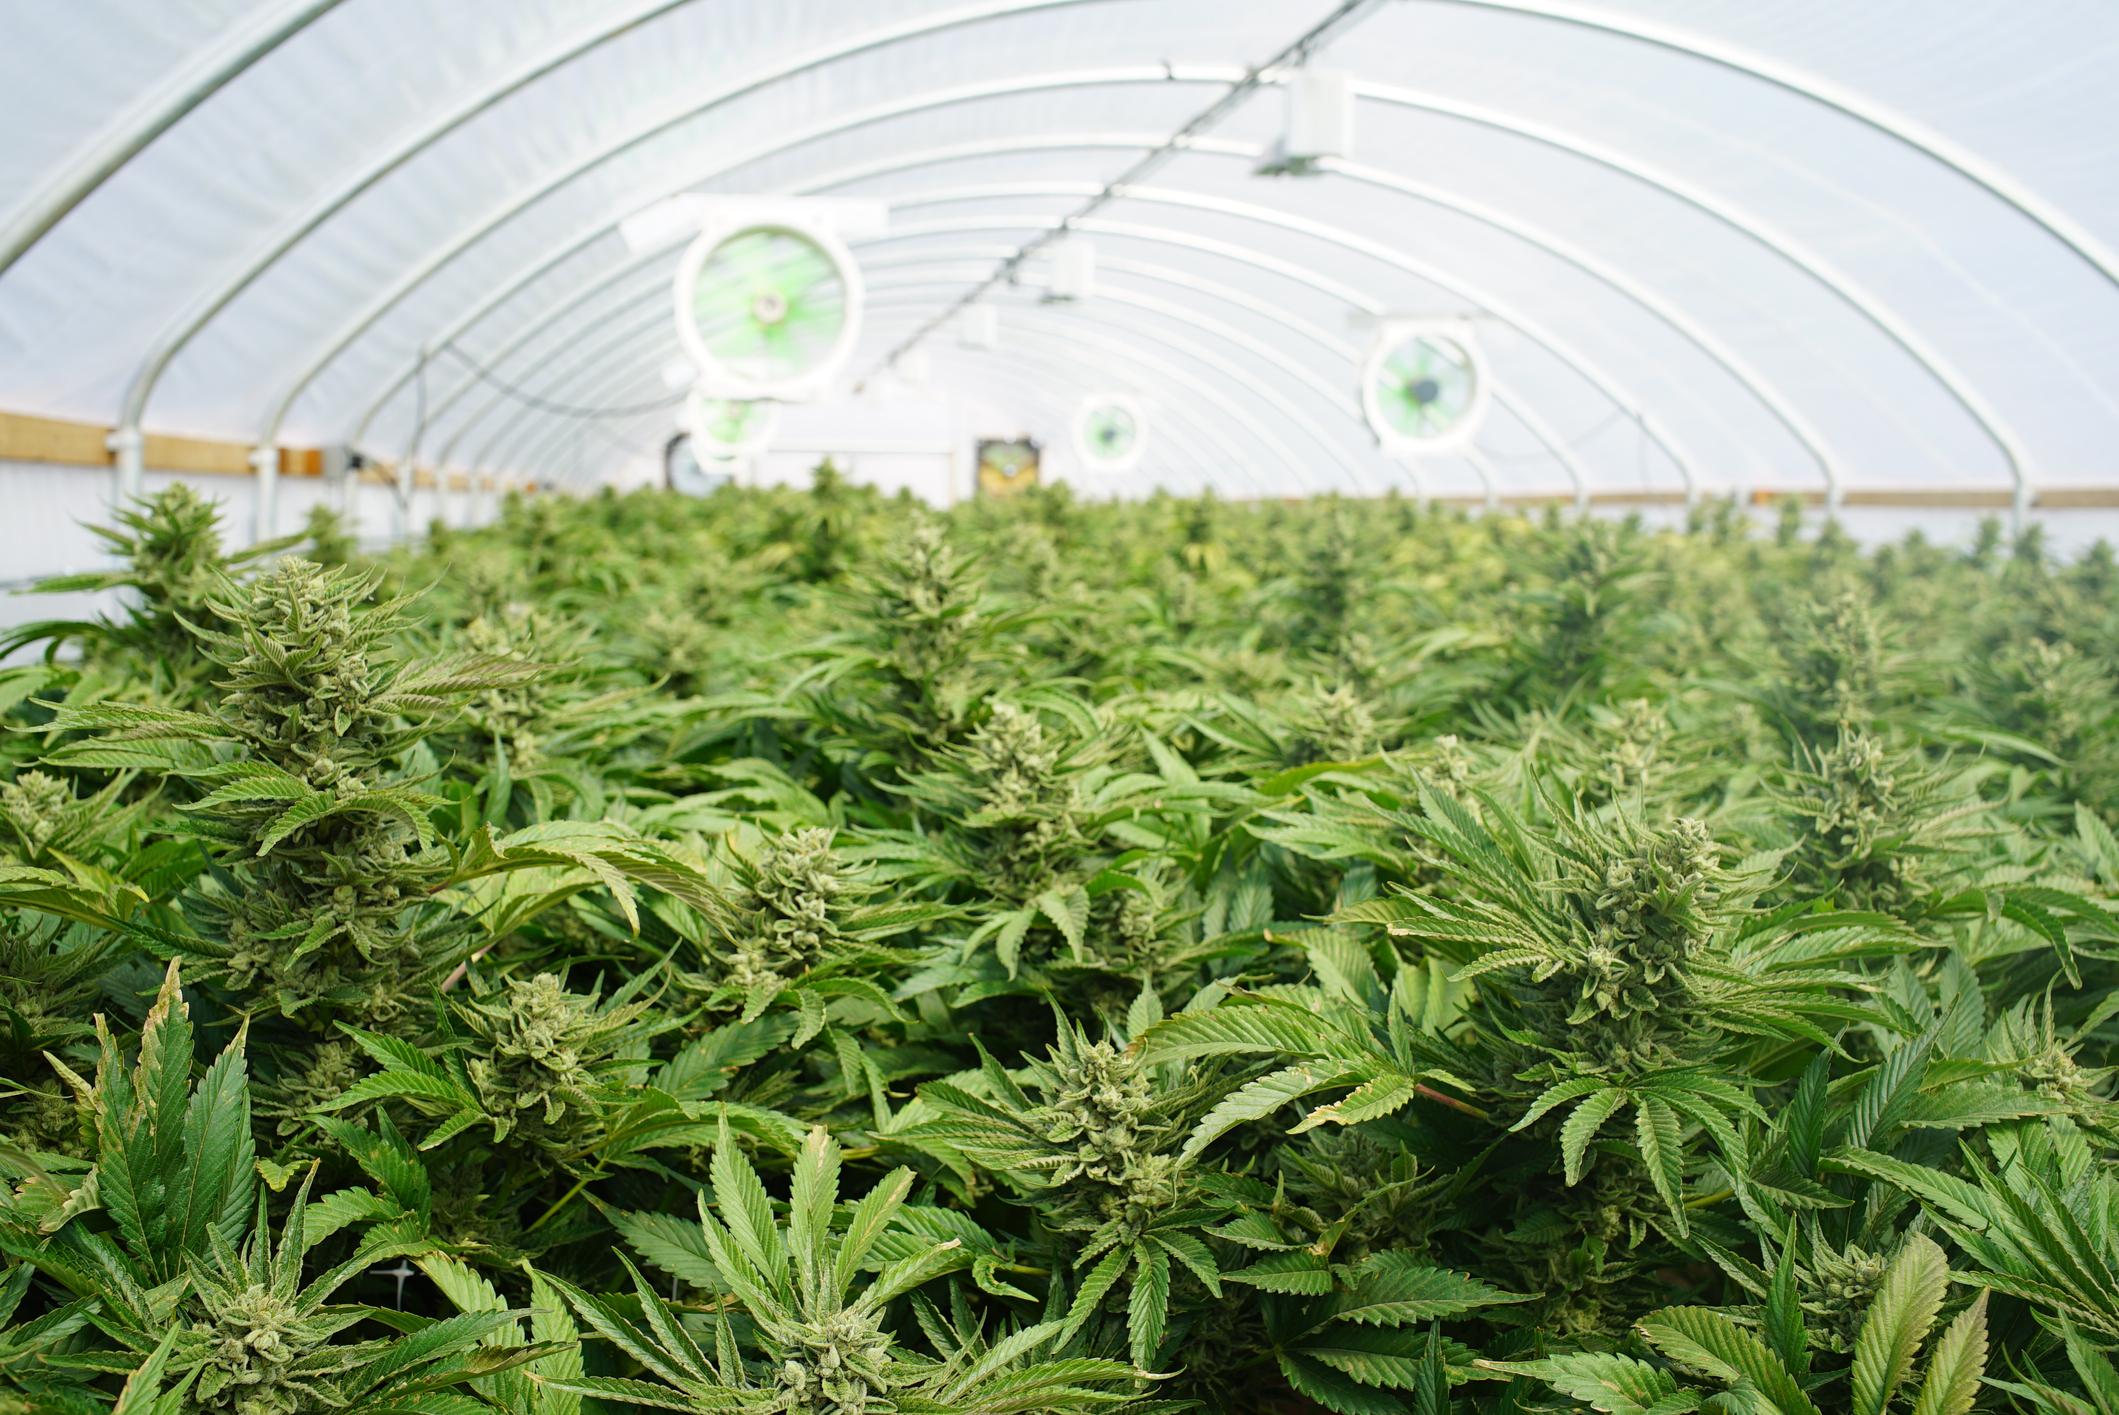 Marjuana plants growing in a greenhouse.